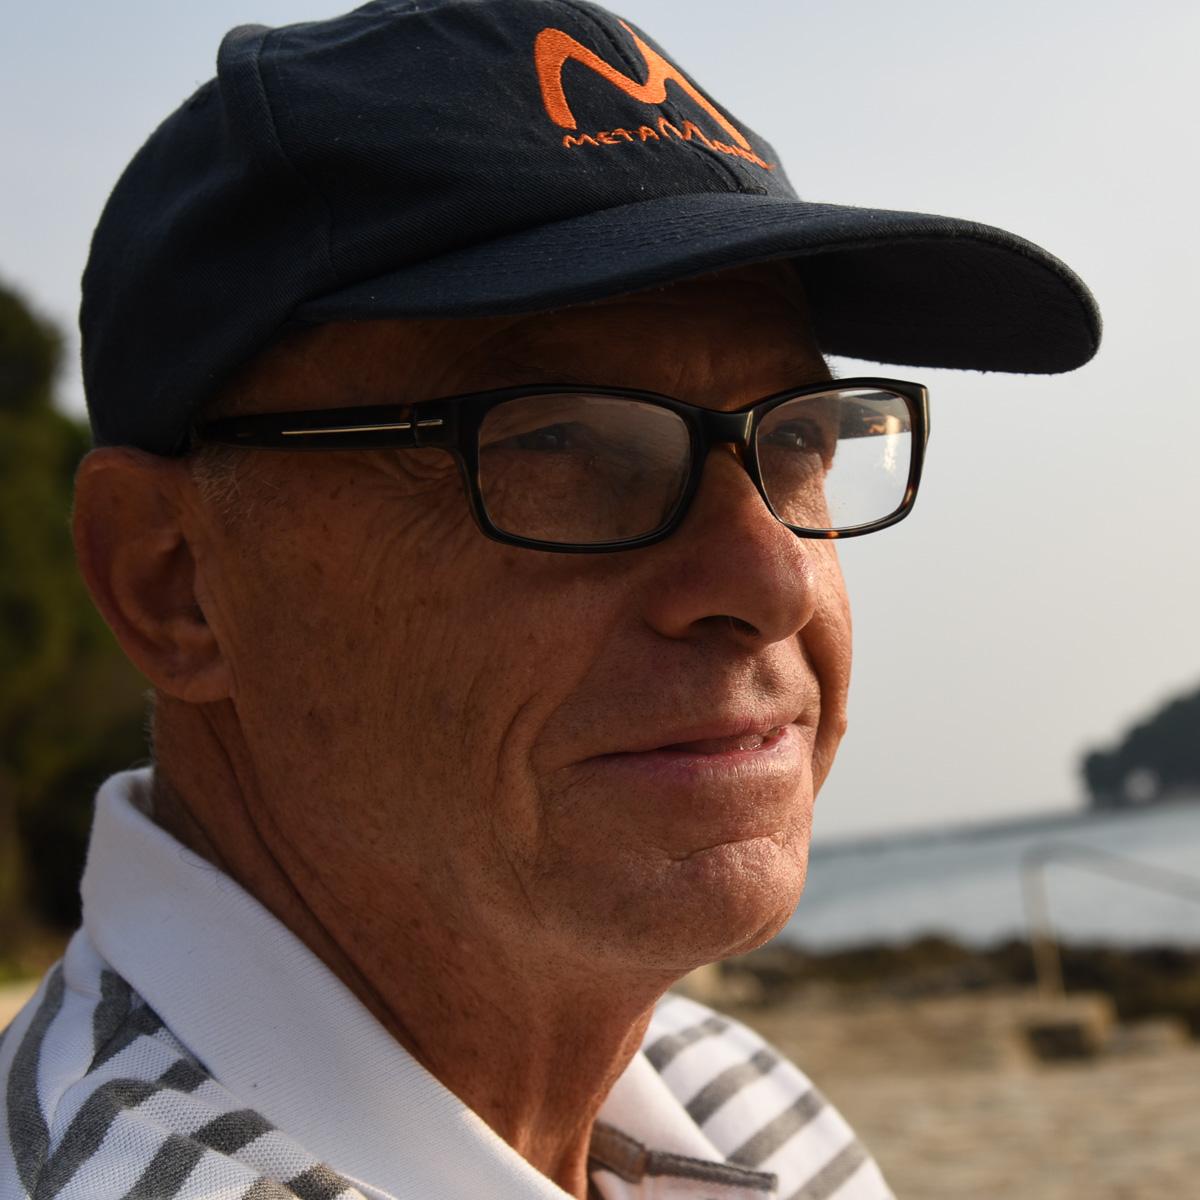 Emanuele Portelli